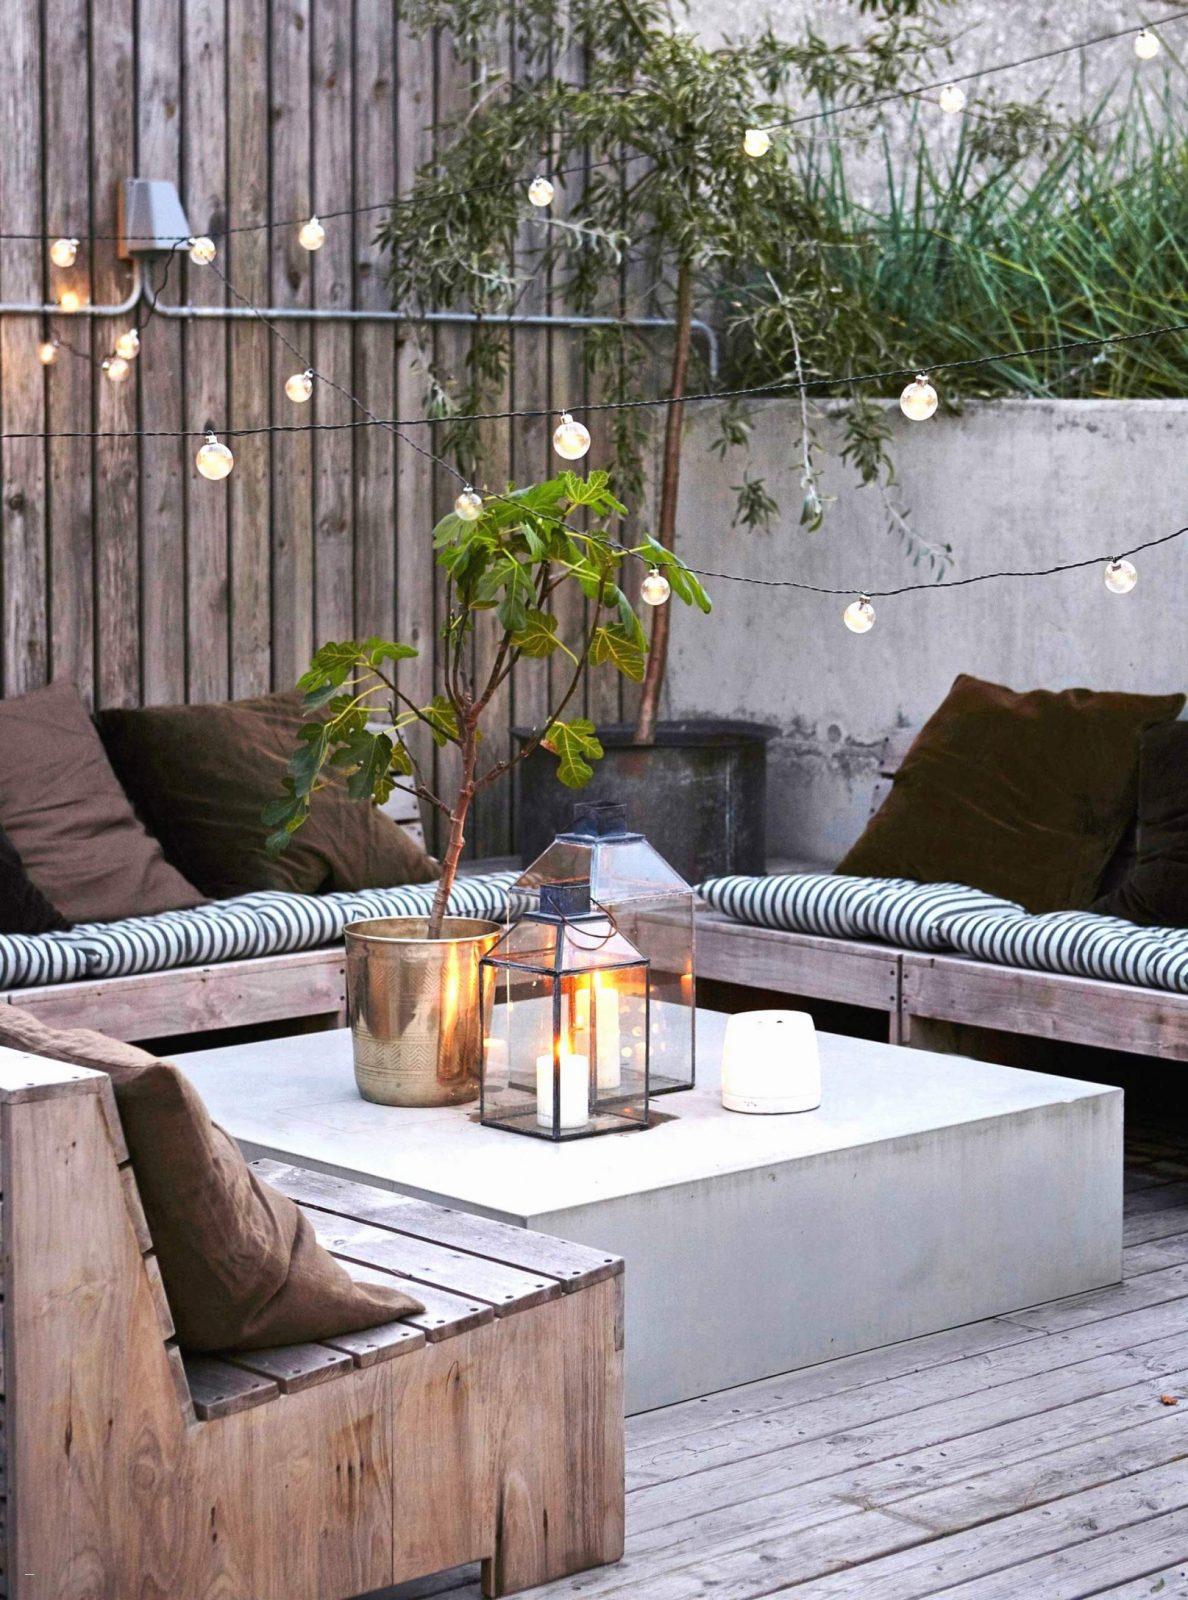 Frisch Wohnzimmer Deko Ikea von Dekoration Wohnzimmer Ideen Bild